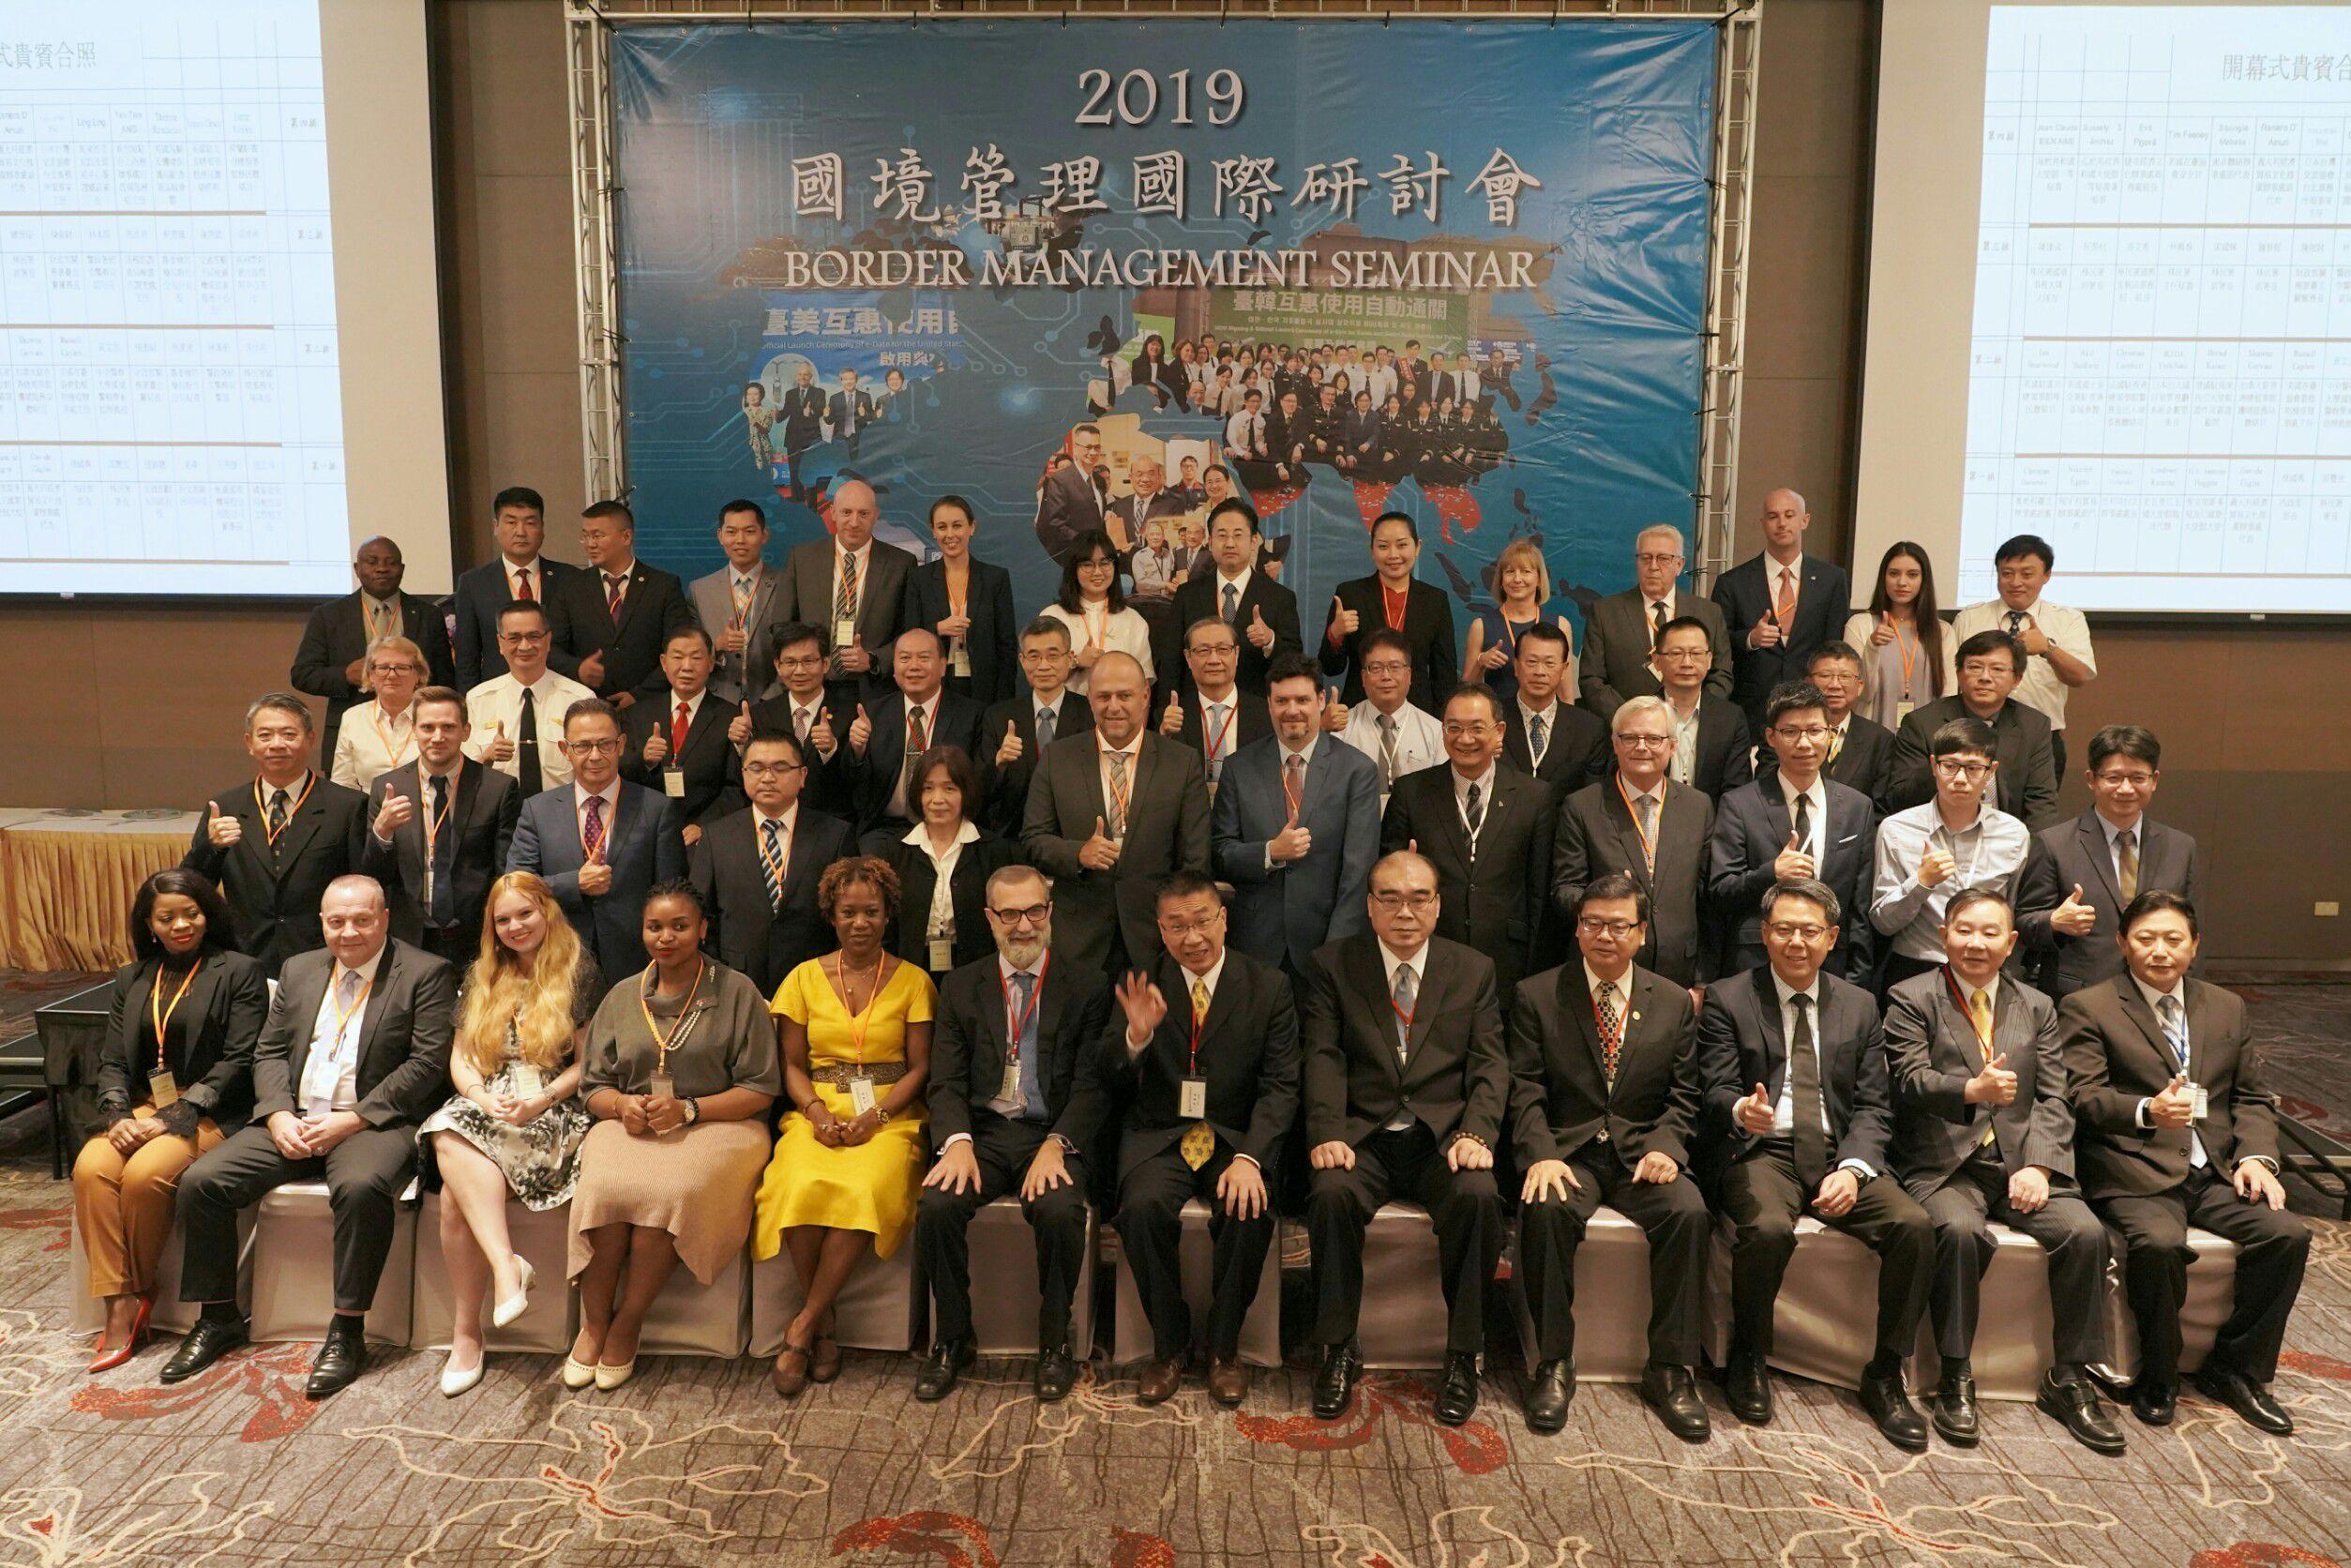 2019國境管理國際研討會大合照